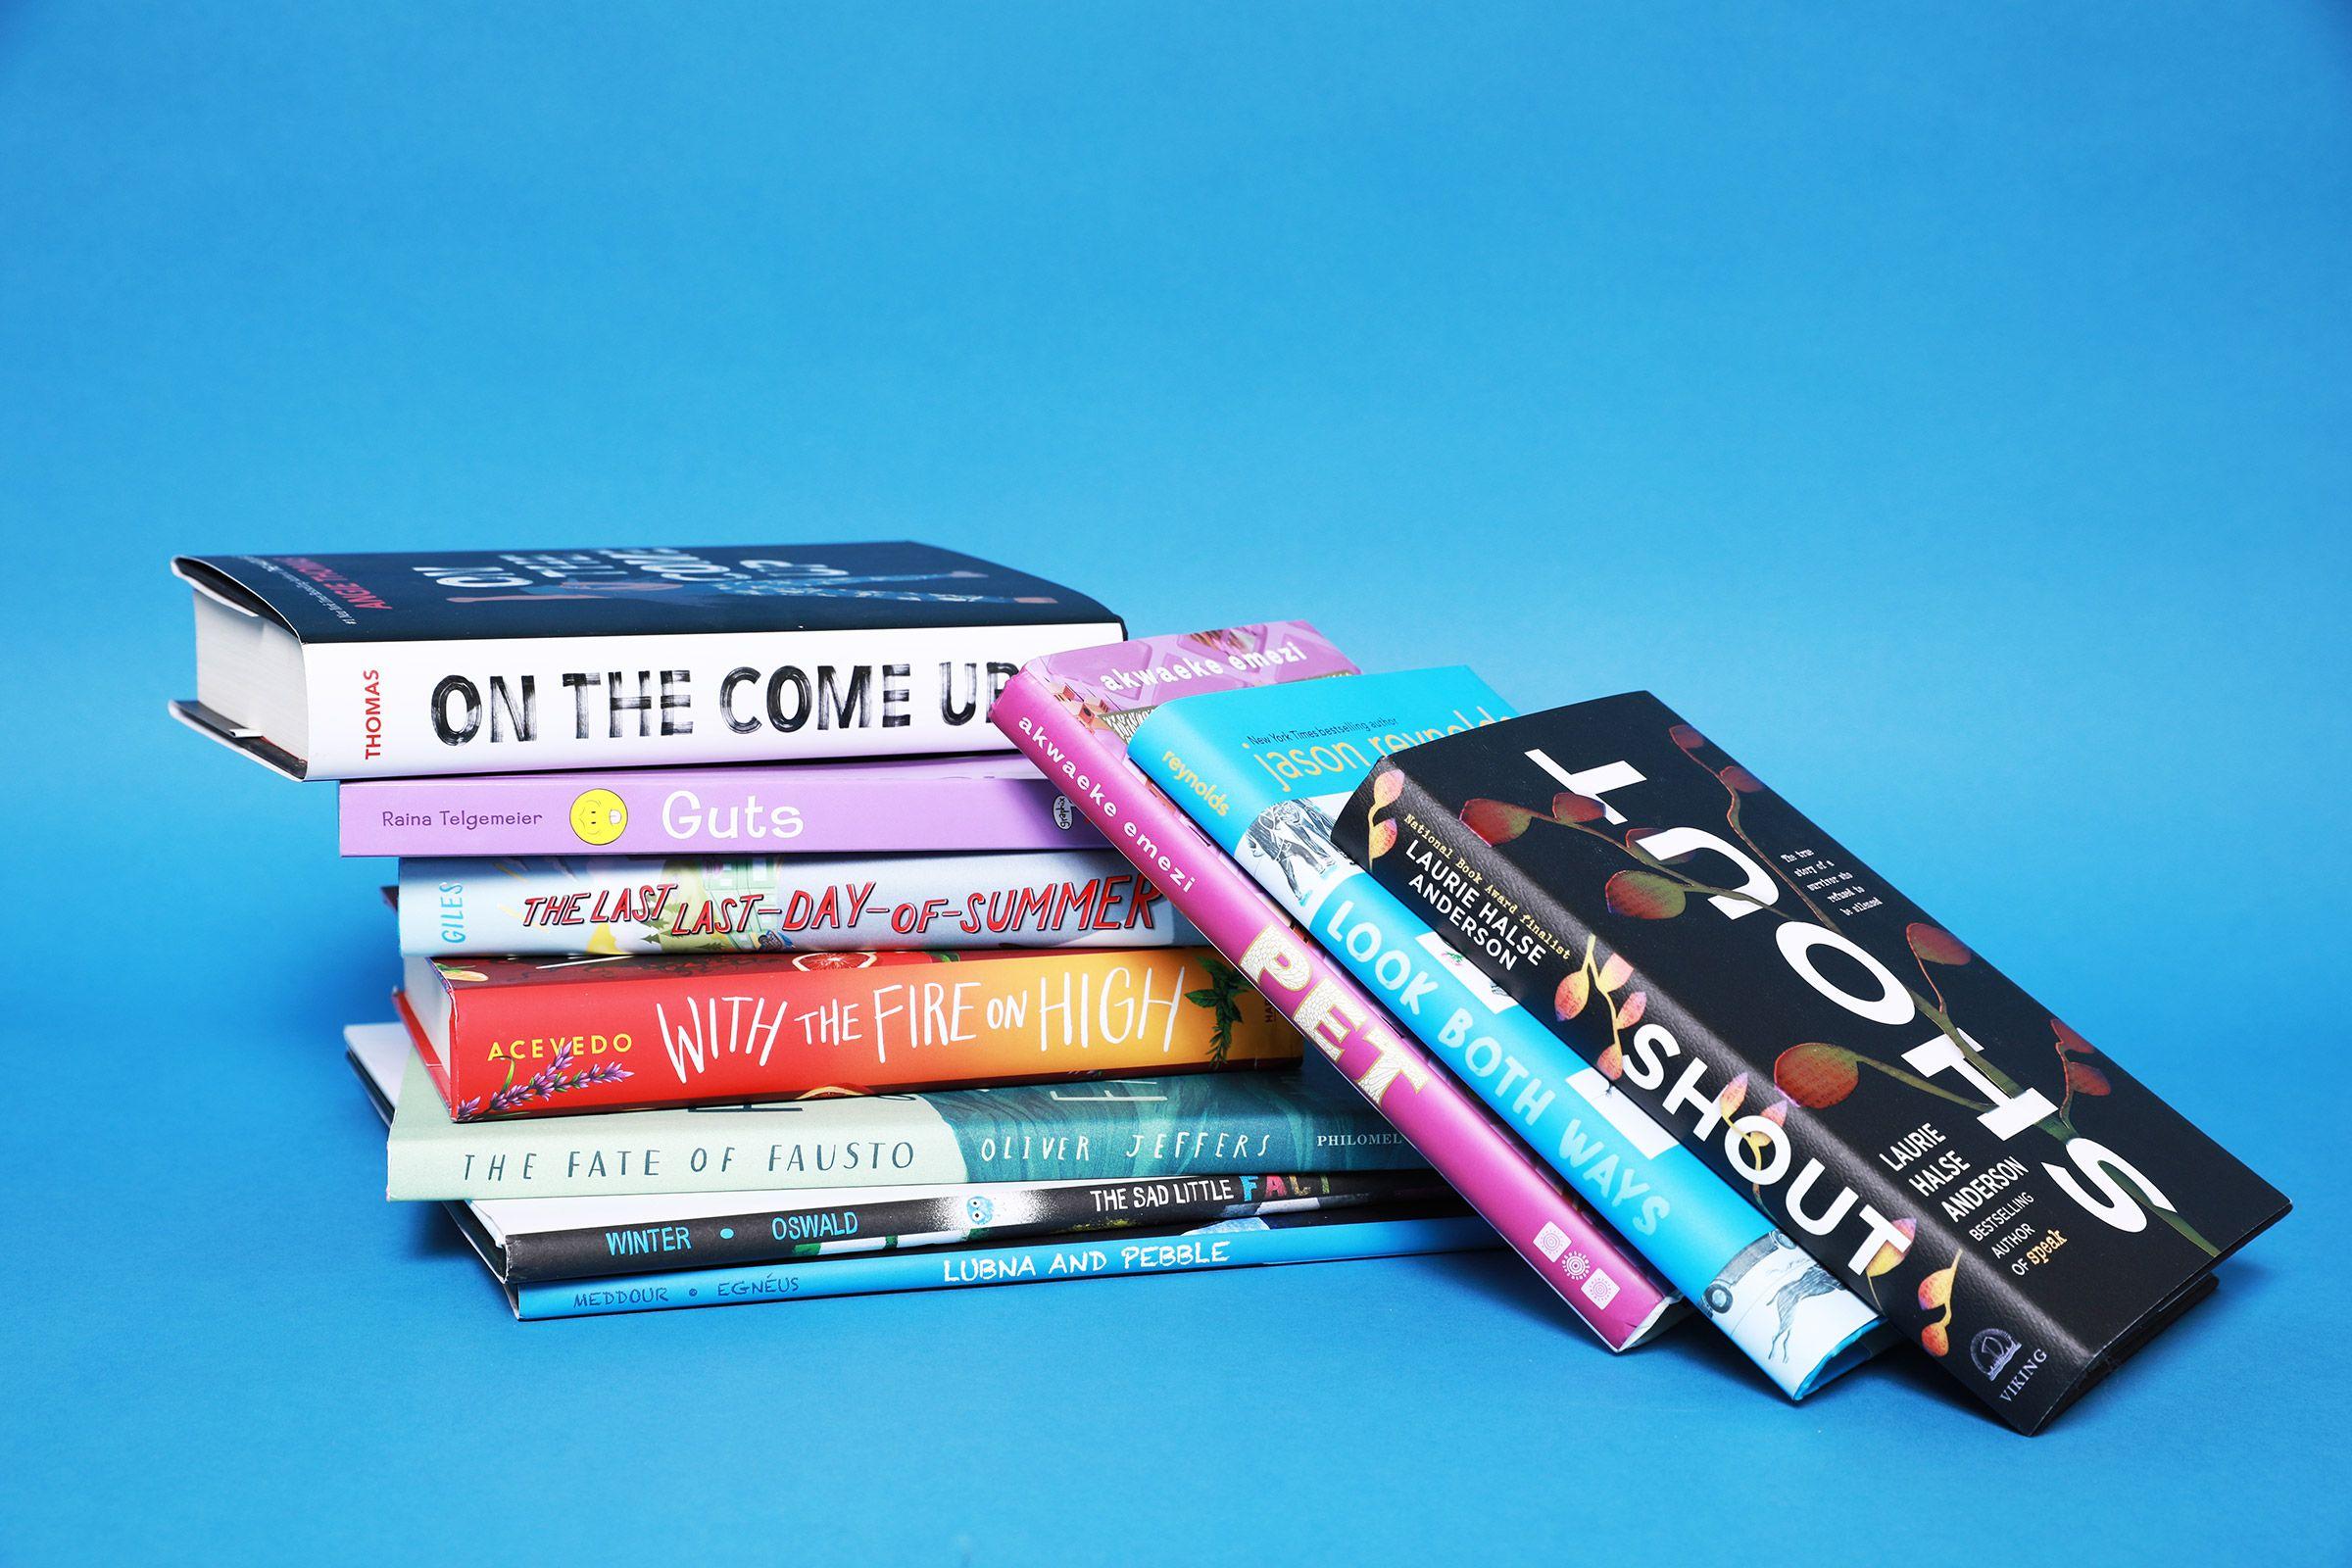 Impresores de libros para negocios, empresas, profesionales, editoriales y autores, al mejor precio.